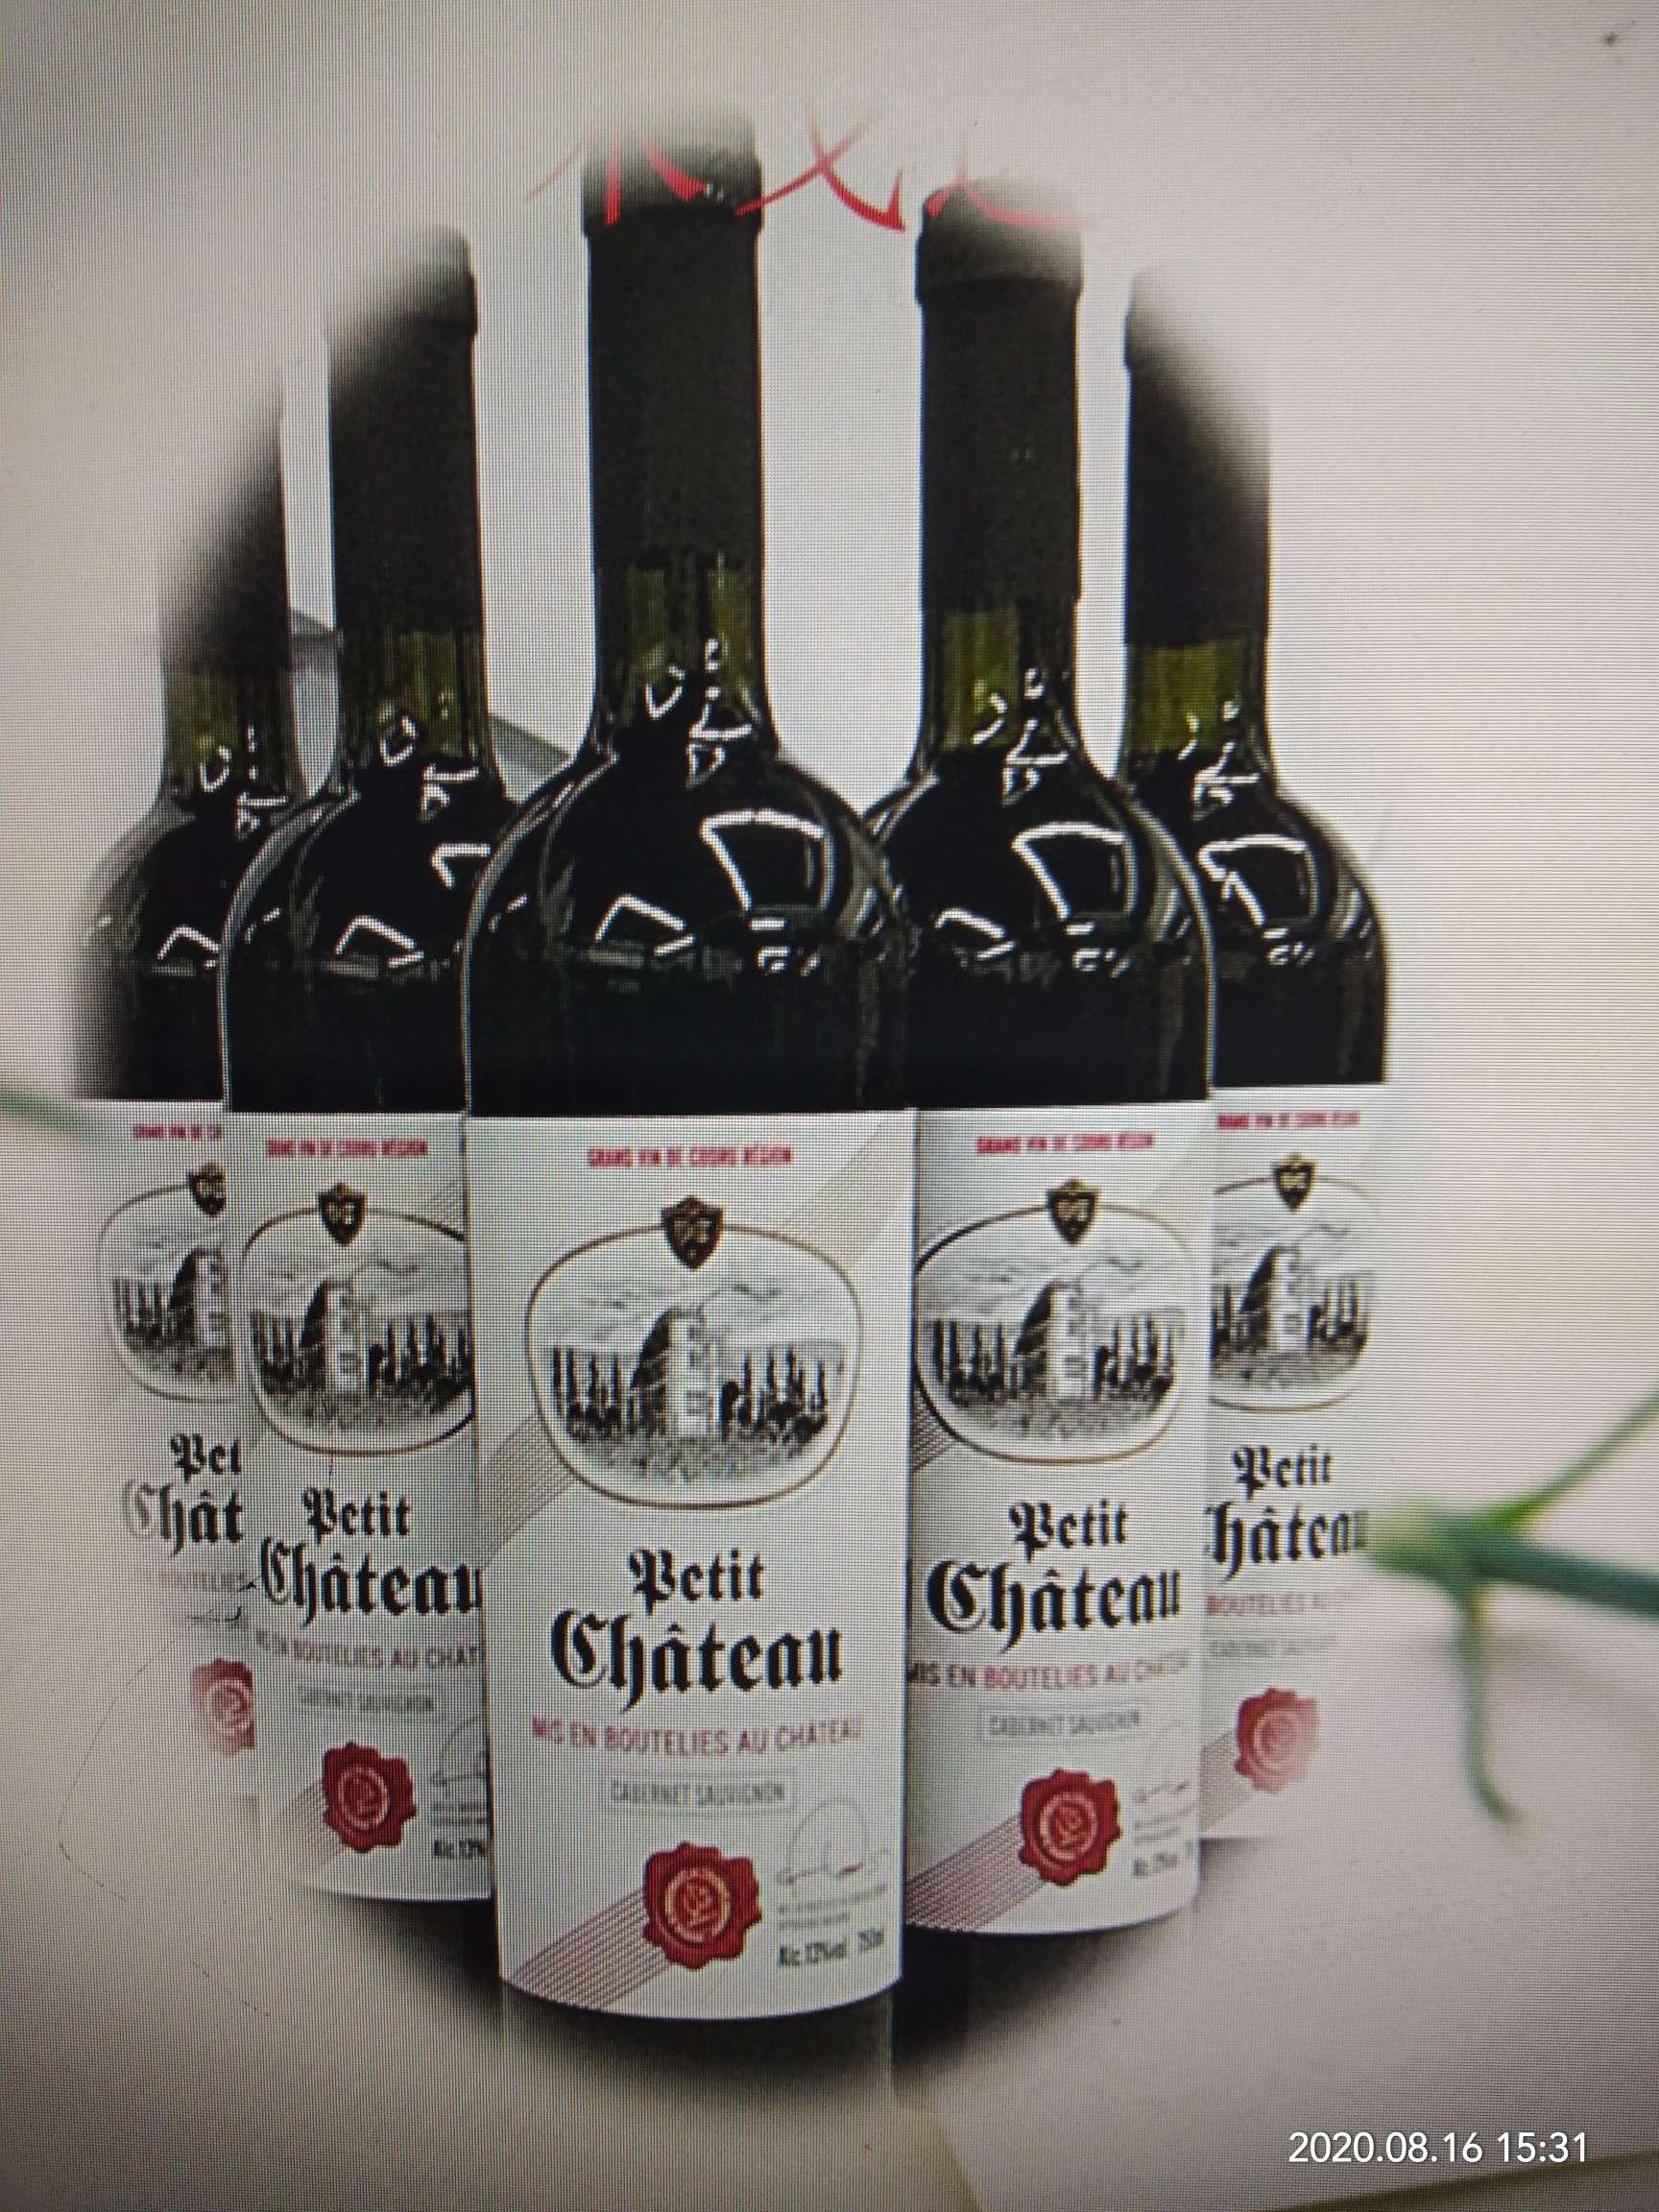 摩尔多瓦原瓶原瓶原箱进口红酒  2007年  一箱6瓶